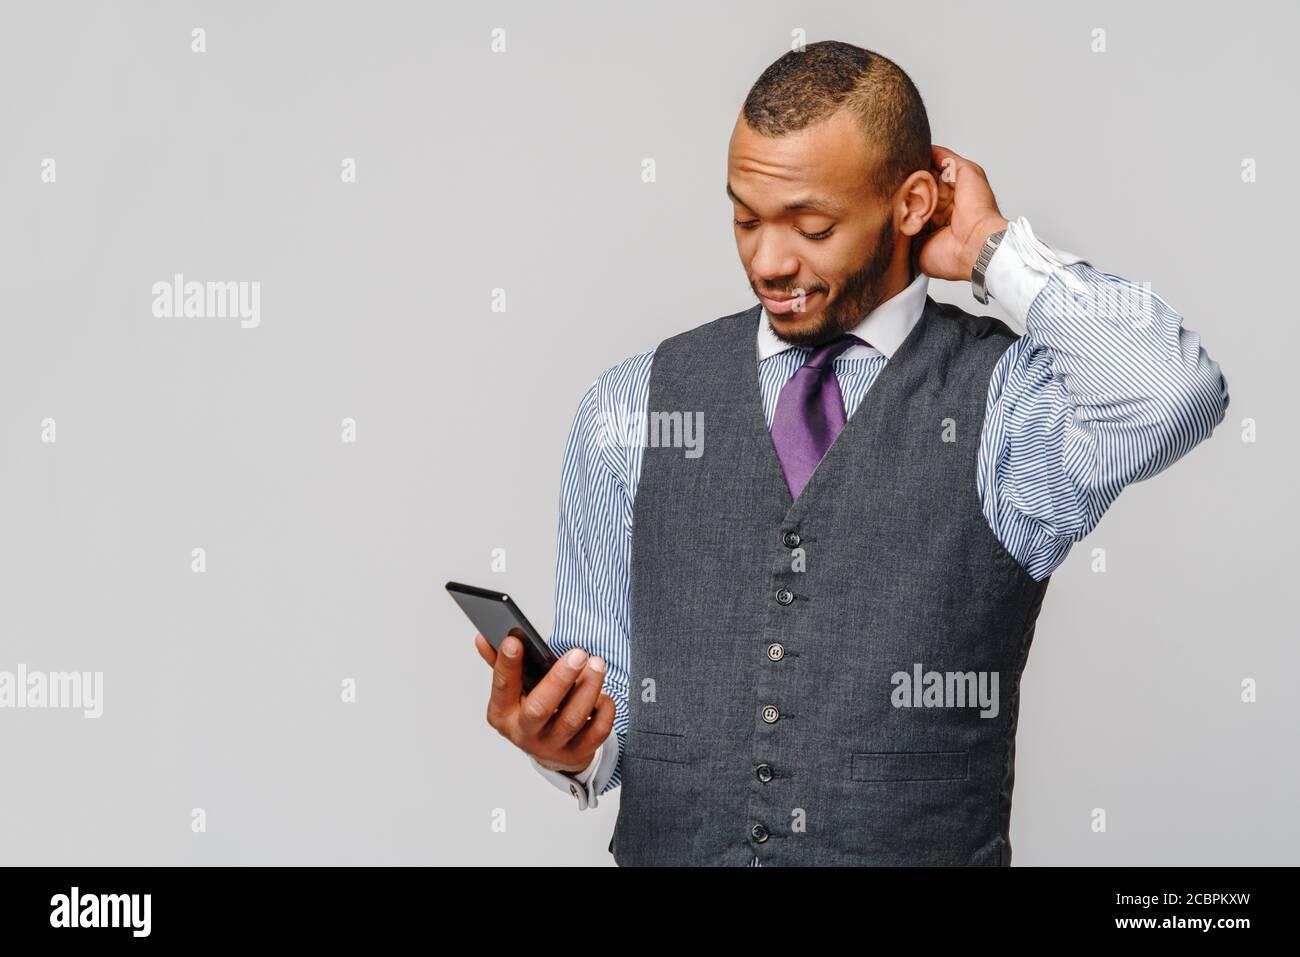 profesional afroamericano hombre de negocios con teléfono móvil Foto de stock